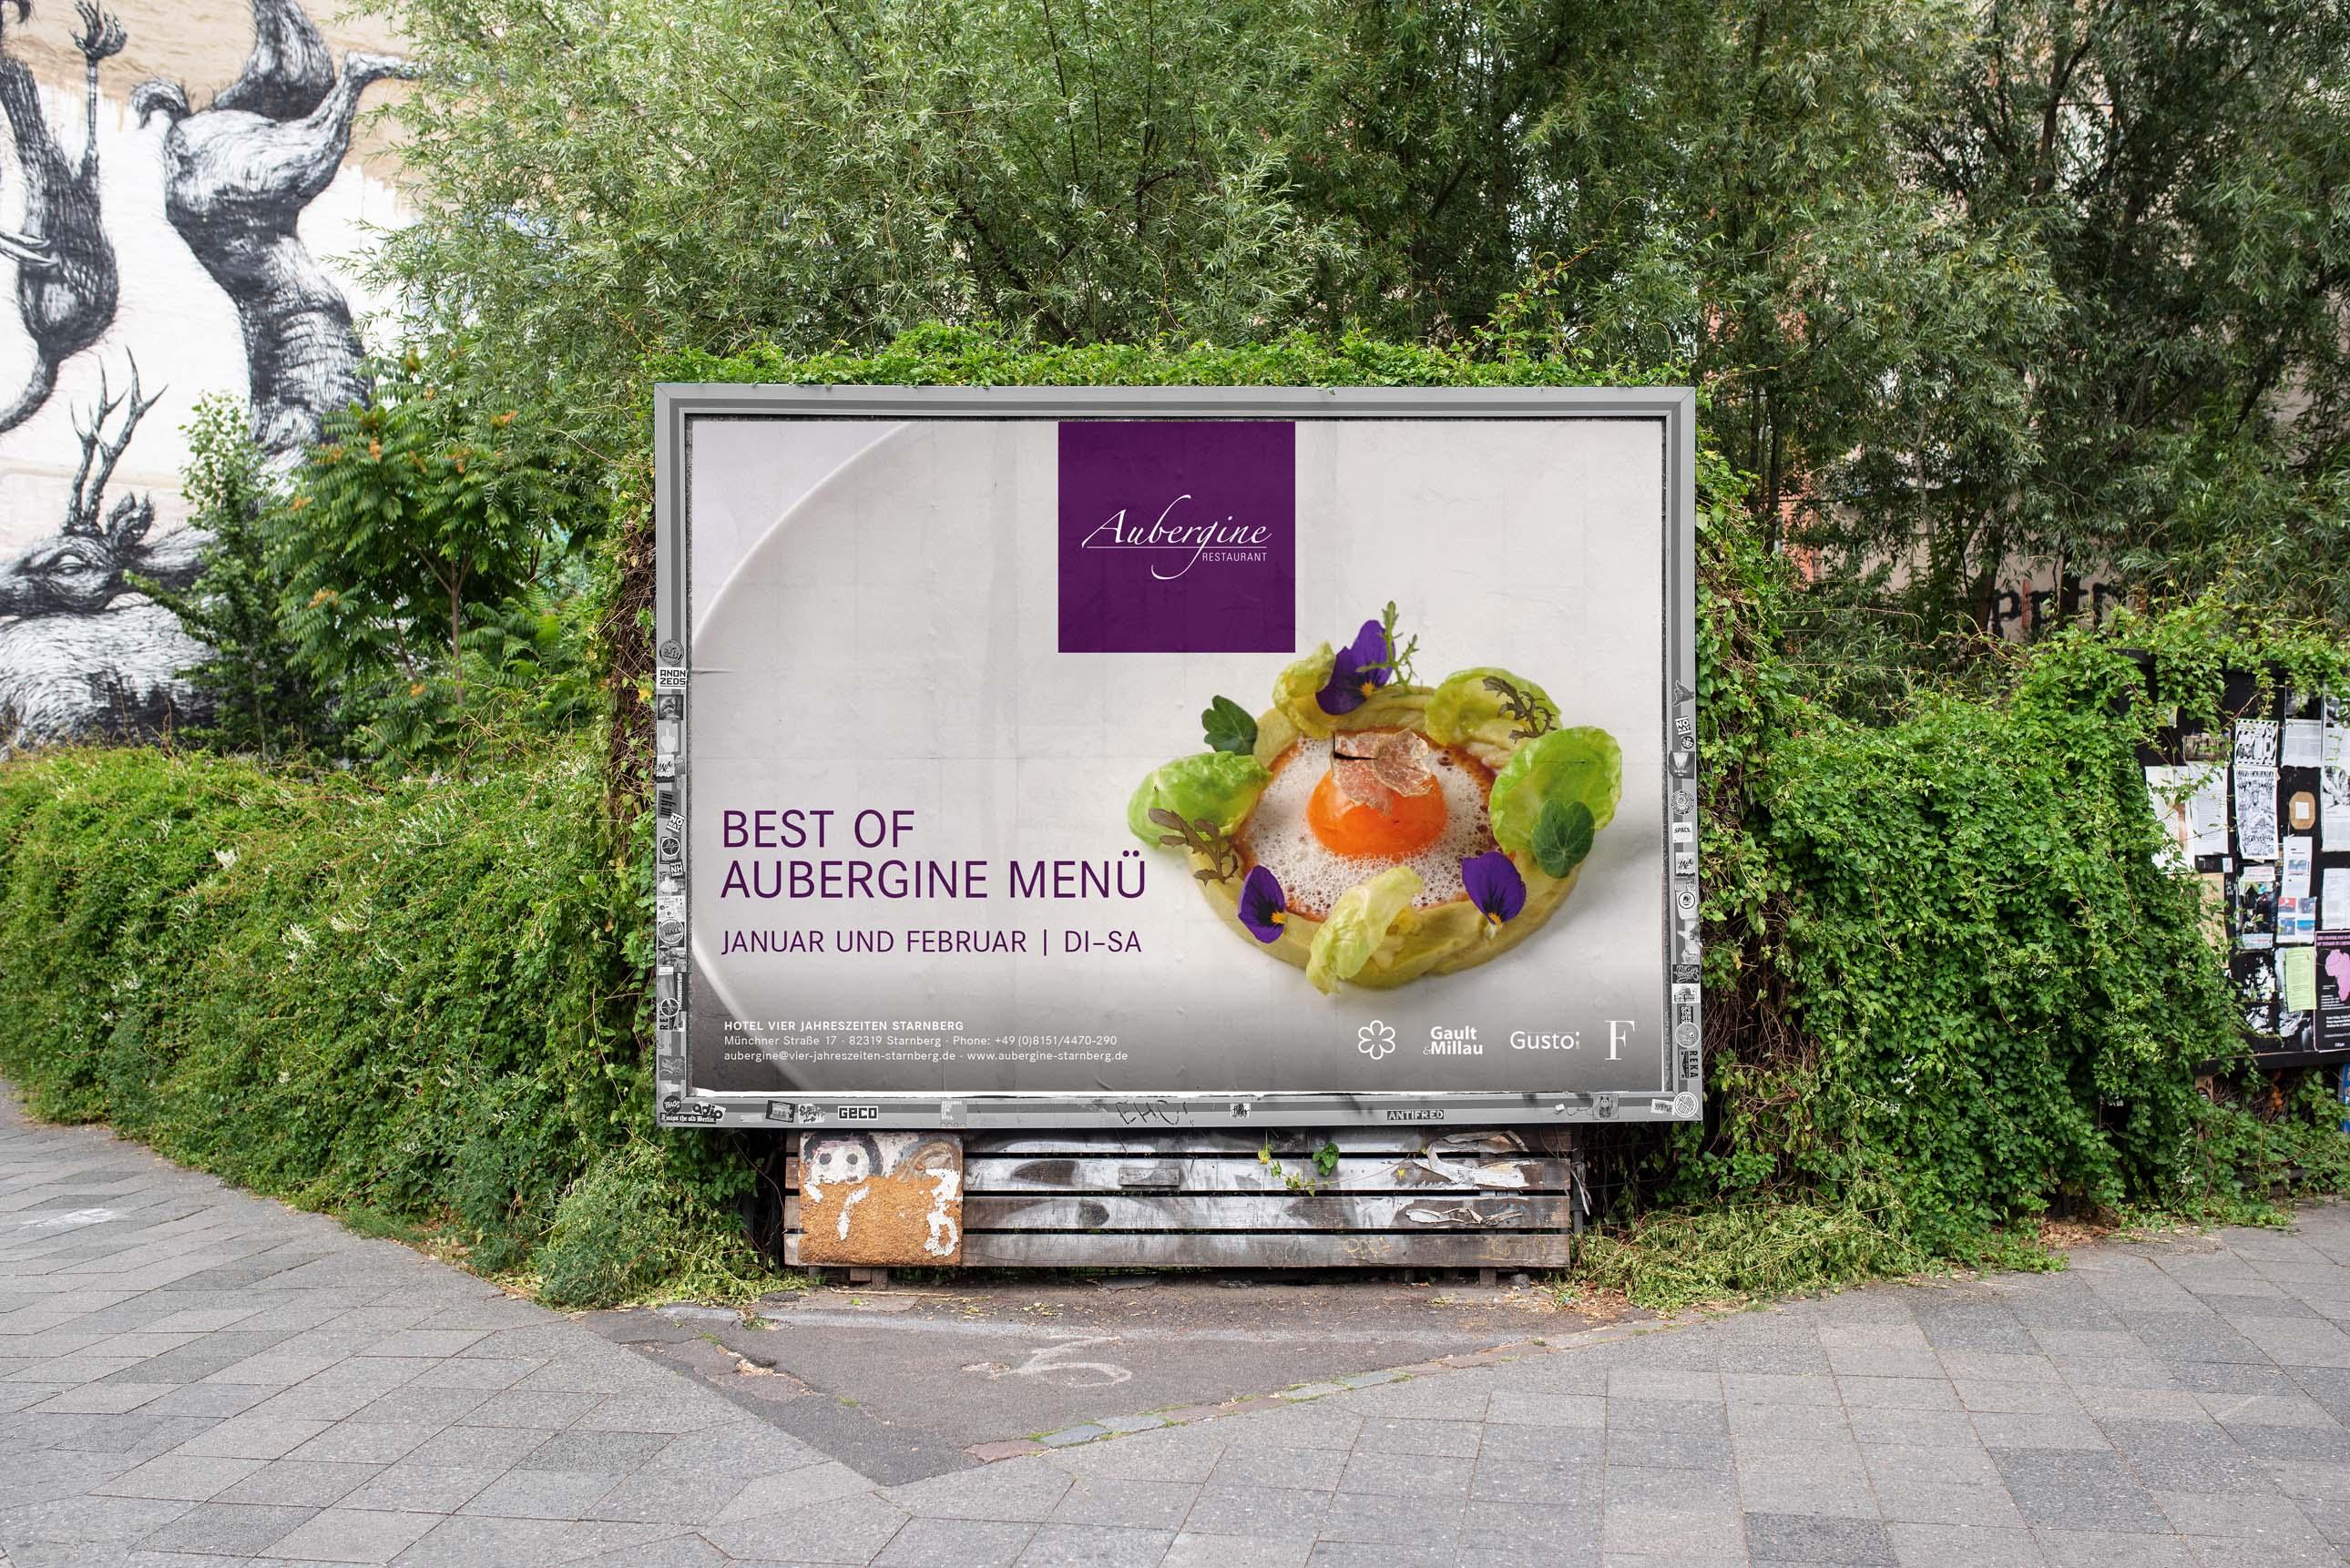 Großformatwerbung mit kulinarischen Motiven des Restaurant Aubergine